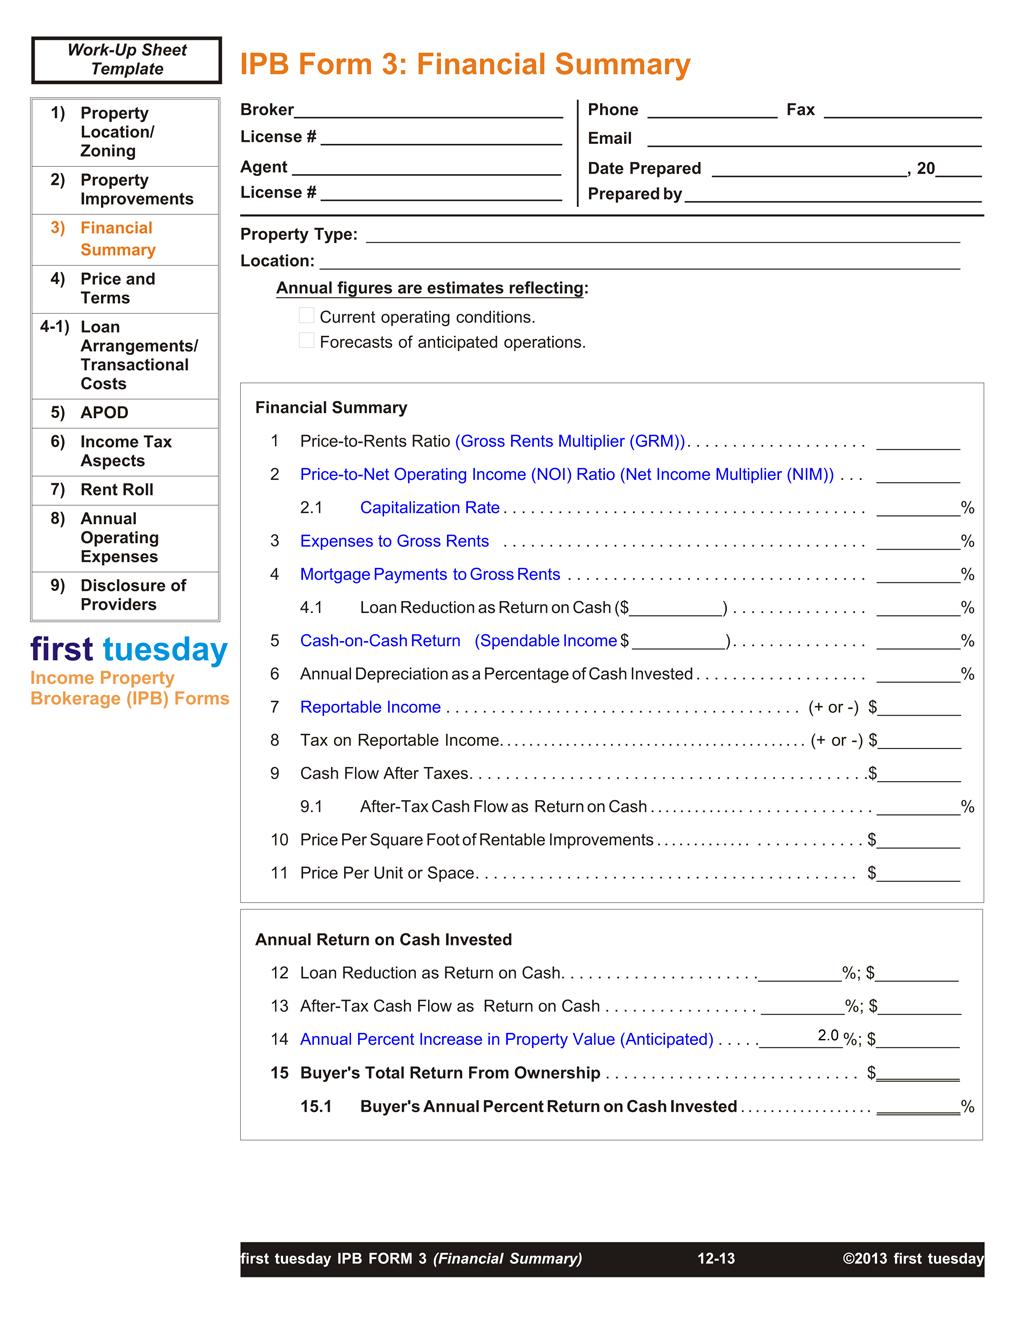 IPB-Financial-Summary